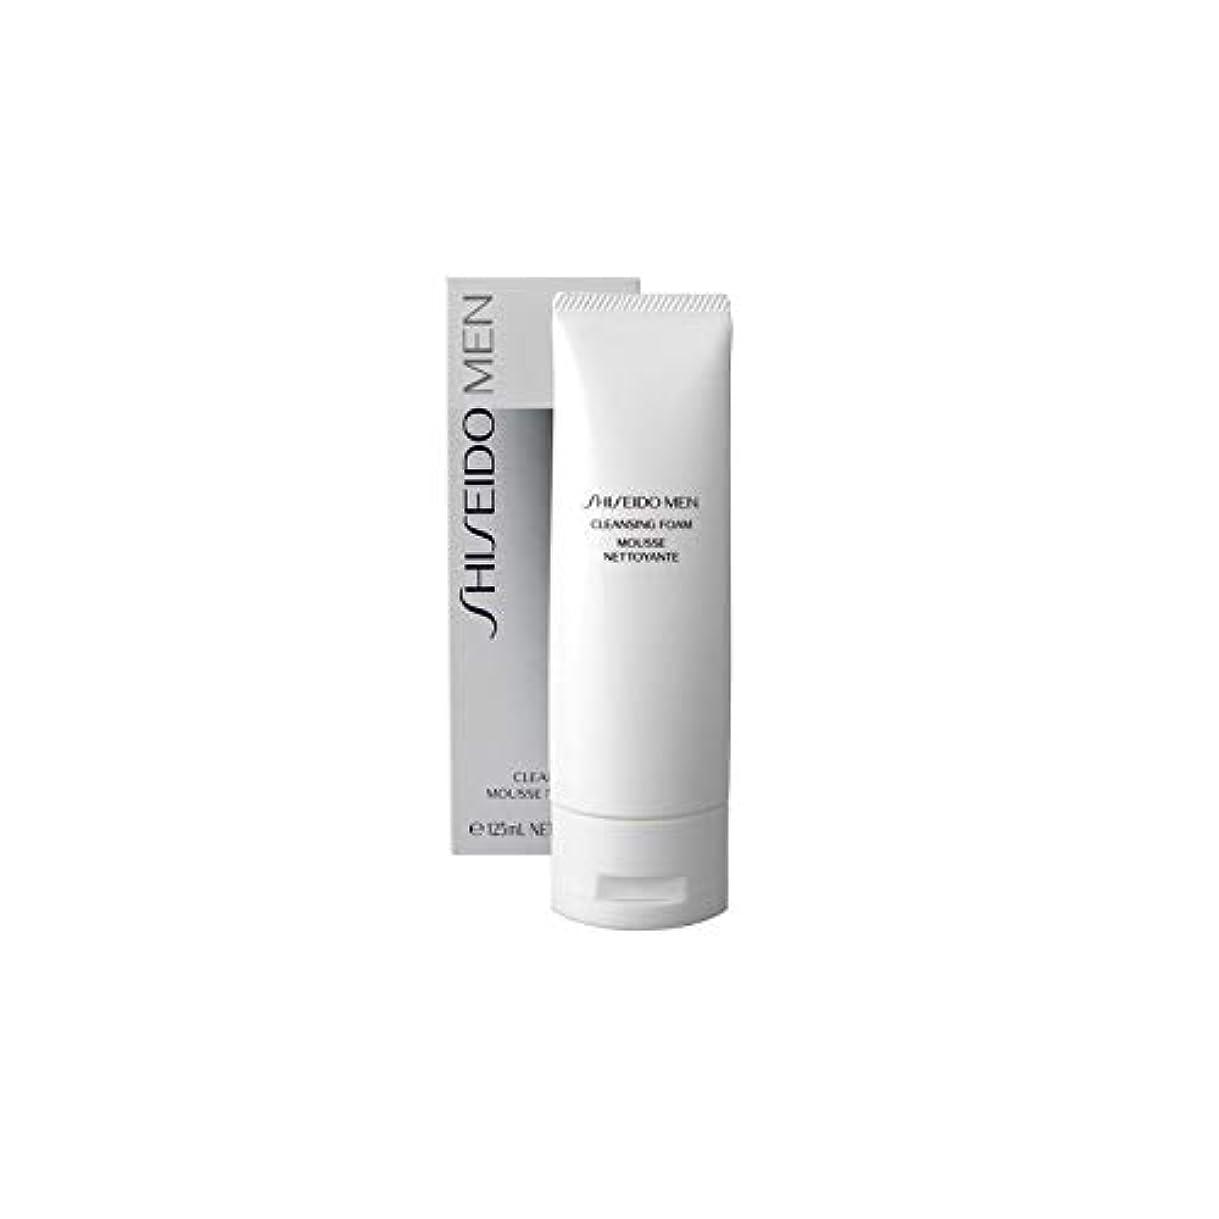 クロール保存罰[Shiseido] 資生堂は、クレンジングフォーム(125ミリリットル)をメンズ - Shiseido Mens Cleansing Foam (125ml) [並行輸入品]